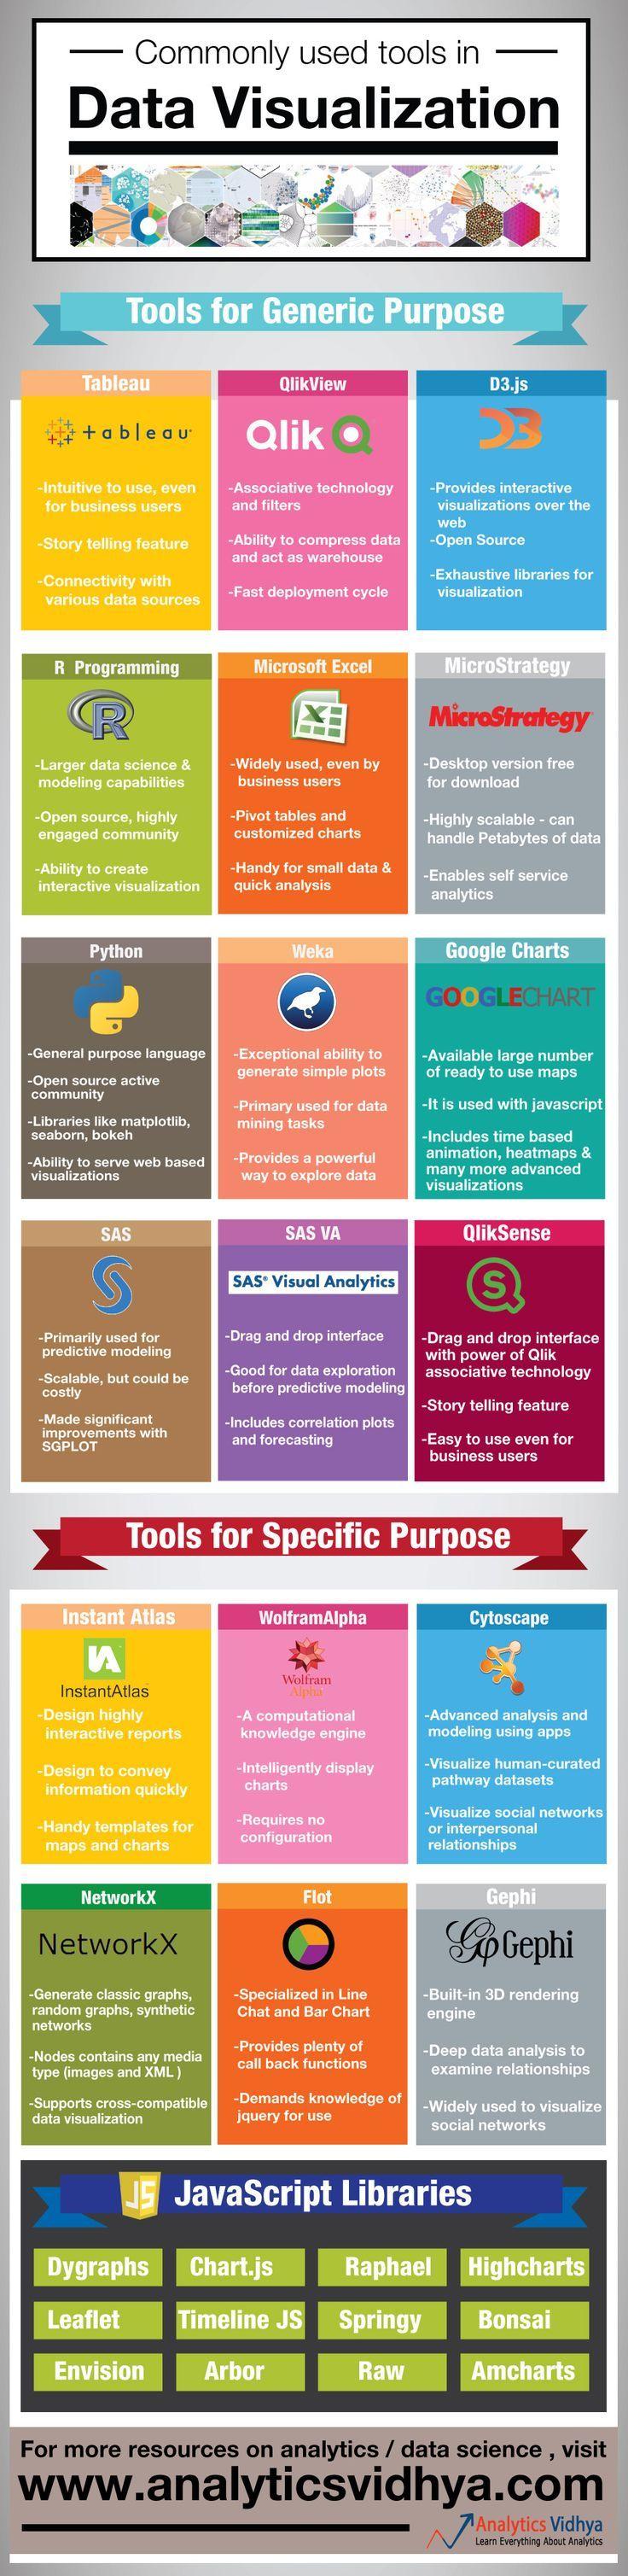 https://social-media-strategy-template.blogspot.com/ #SocialMedia Using social media data mining tools | The Digital Media Strategy Blog